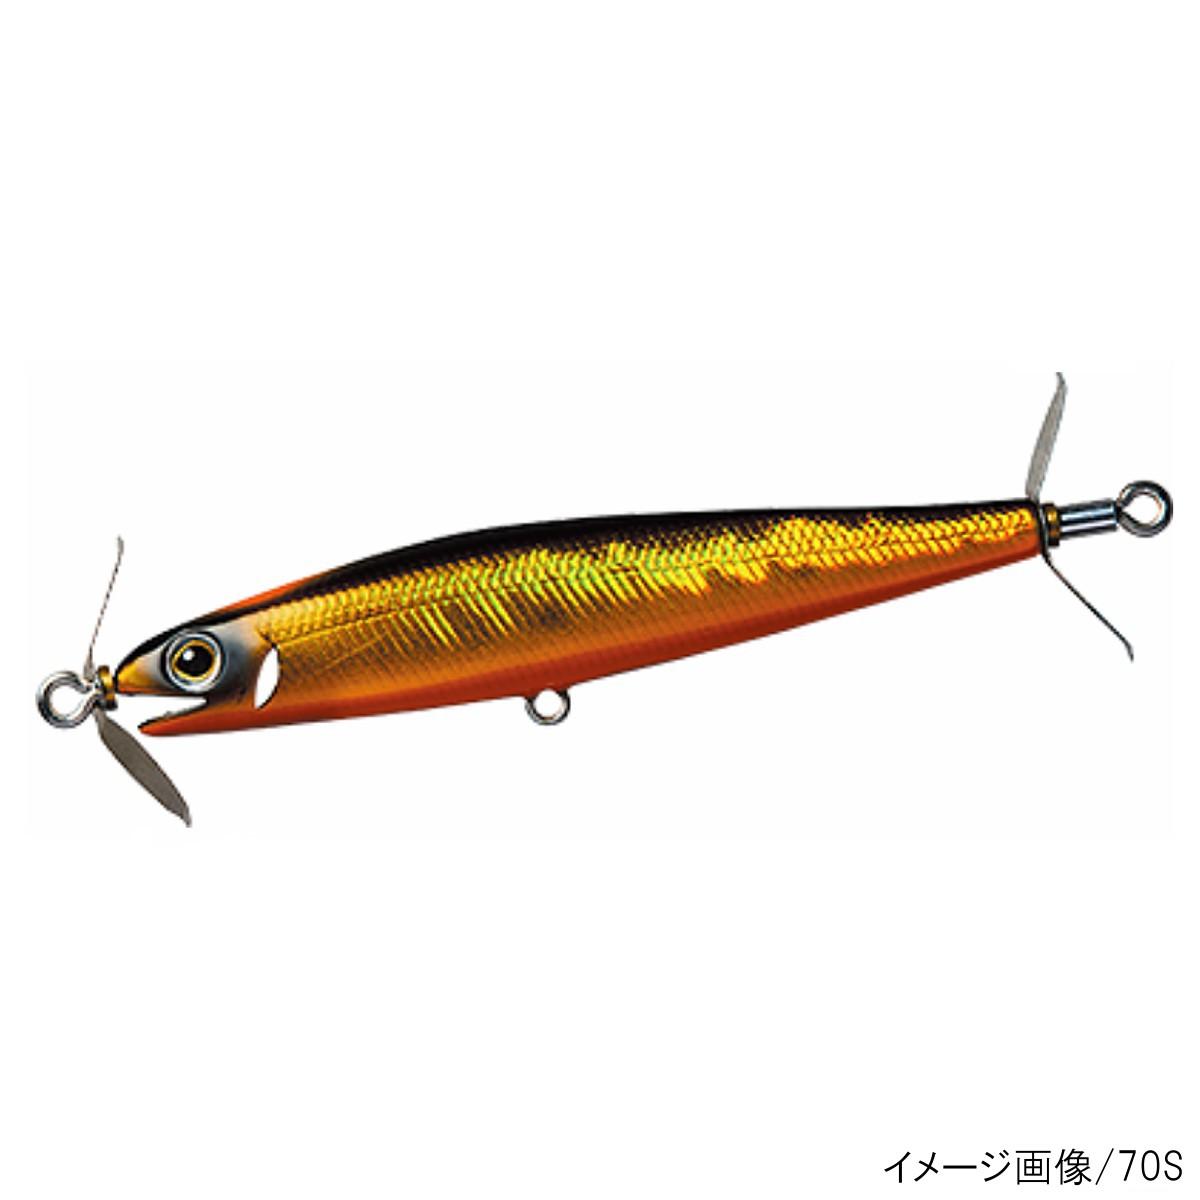 ダイワ ガストネード 110S クロキン【ゆうパケット】